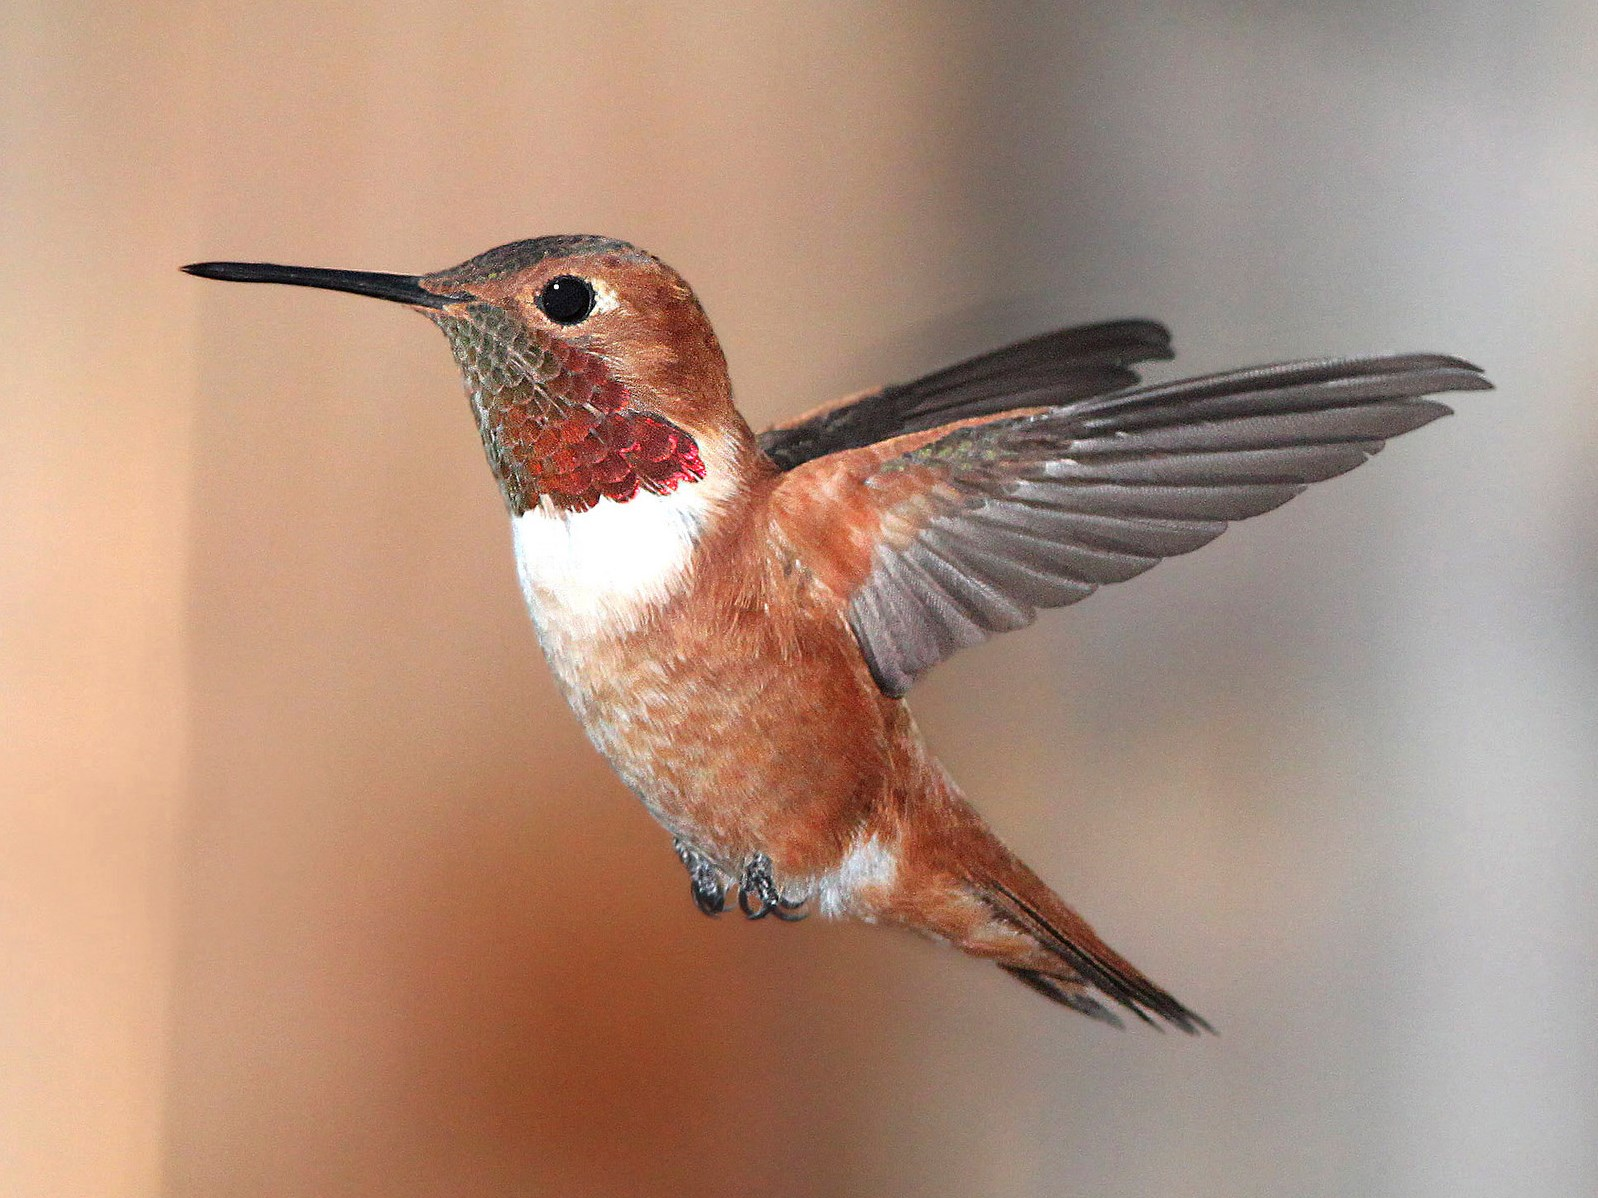 Rufous hummingbird - Credit: Alan Schmierer